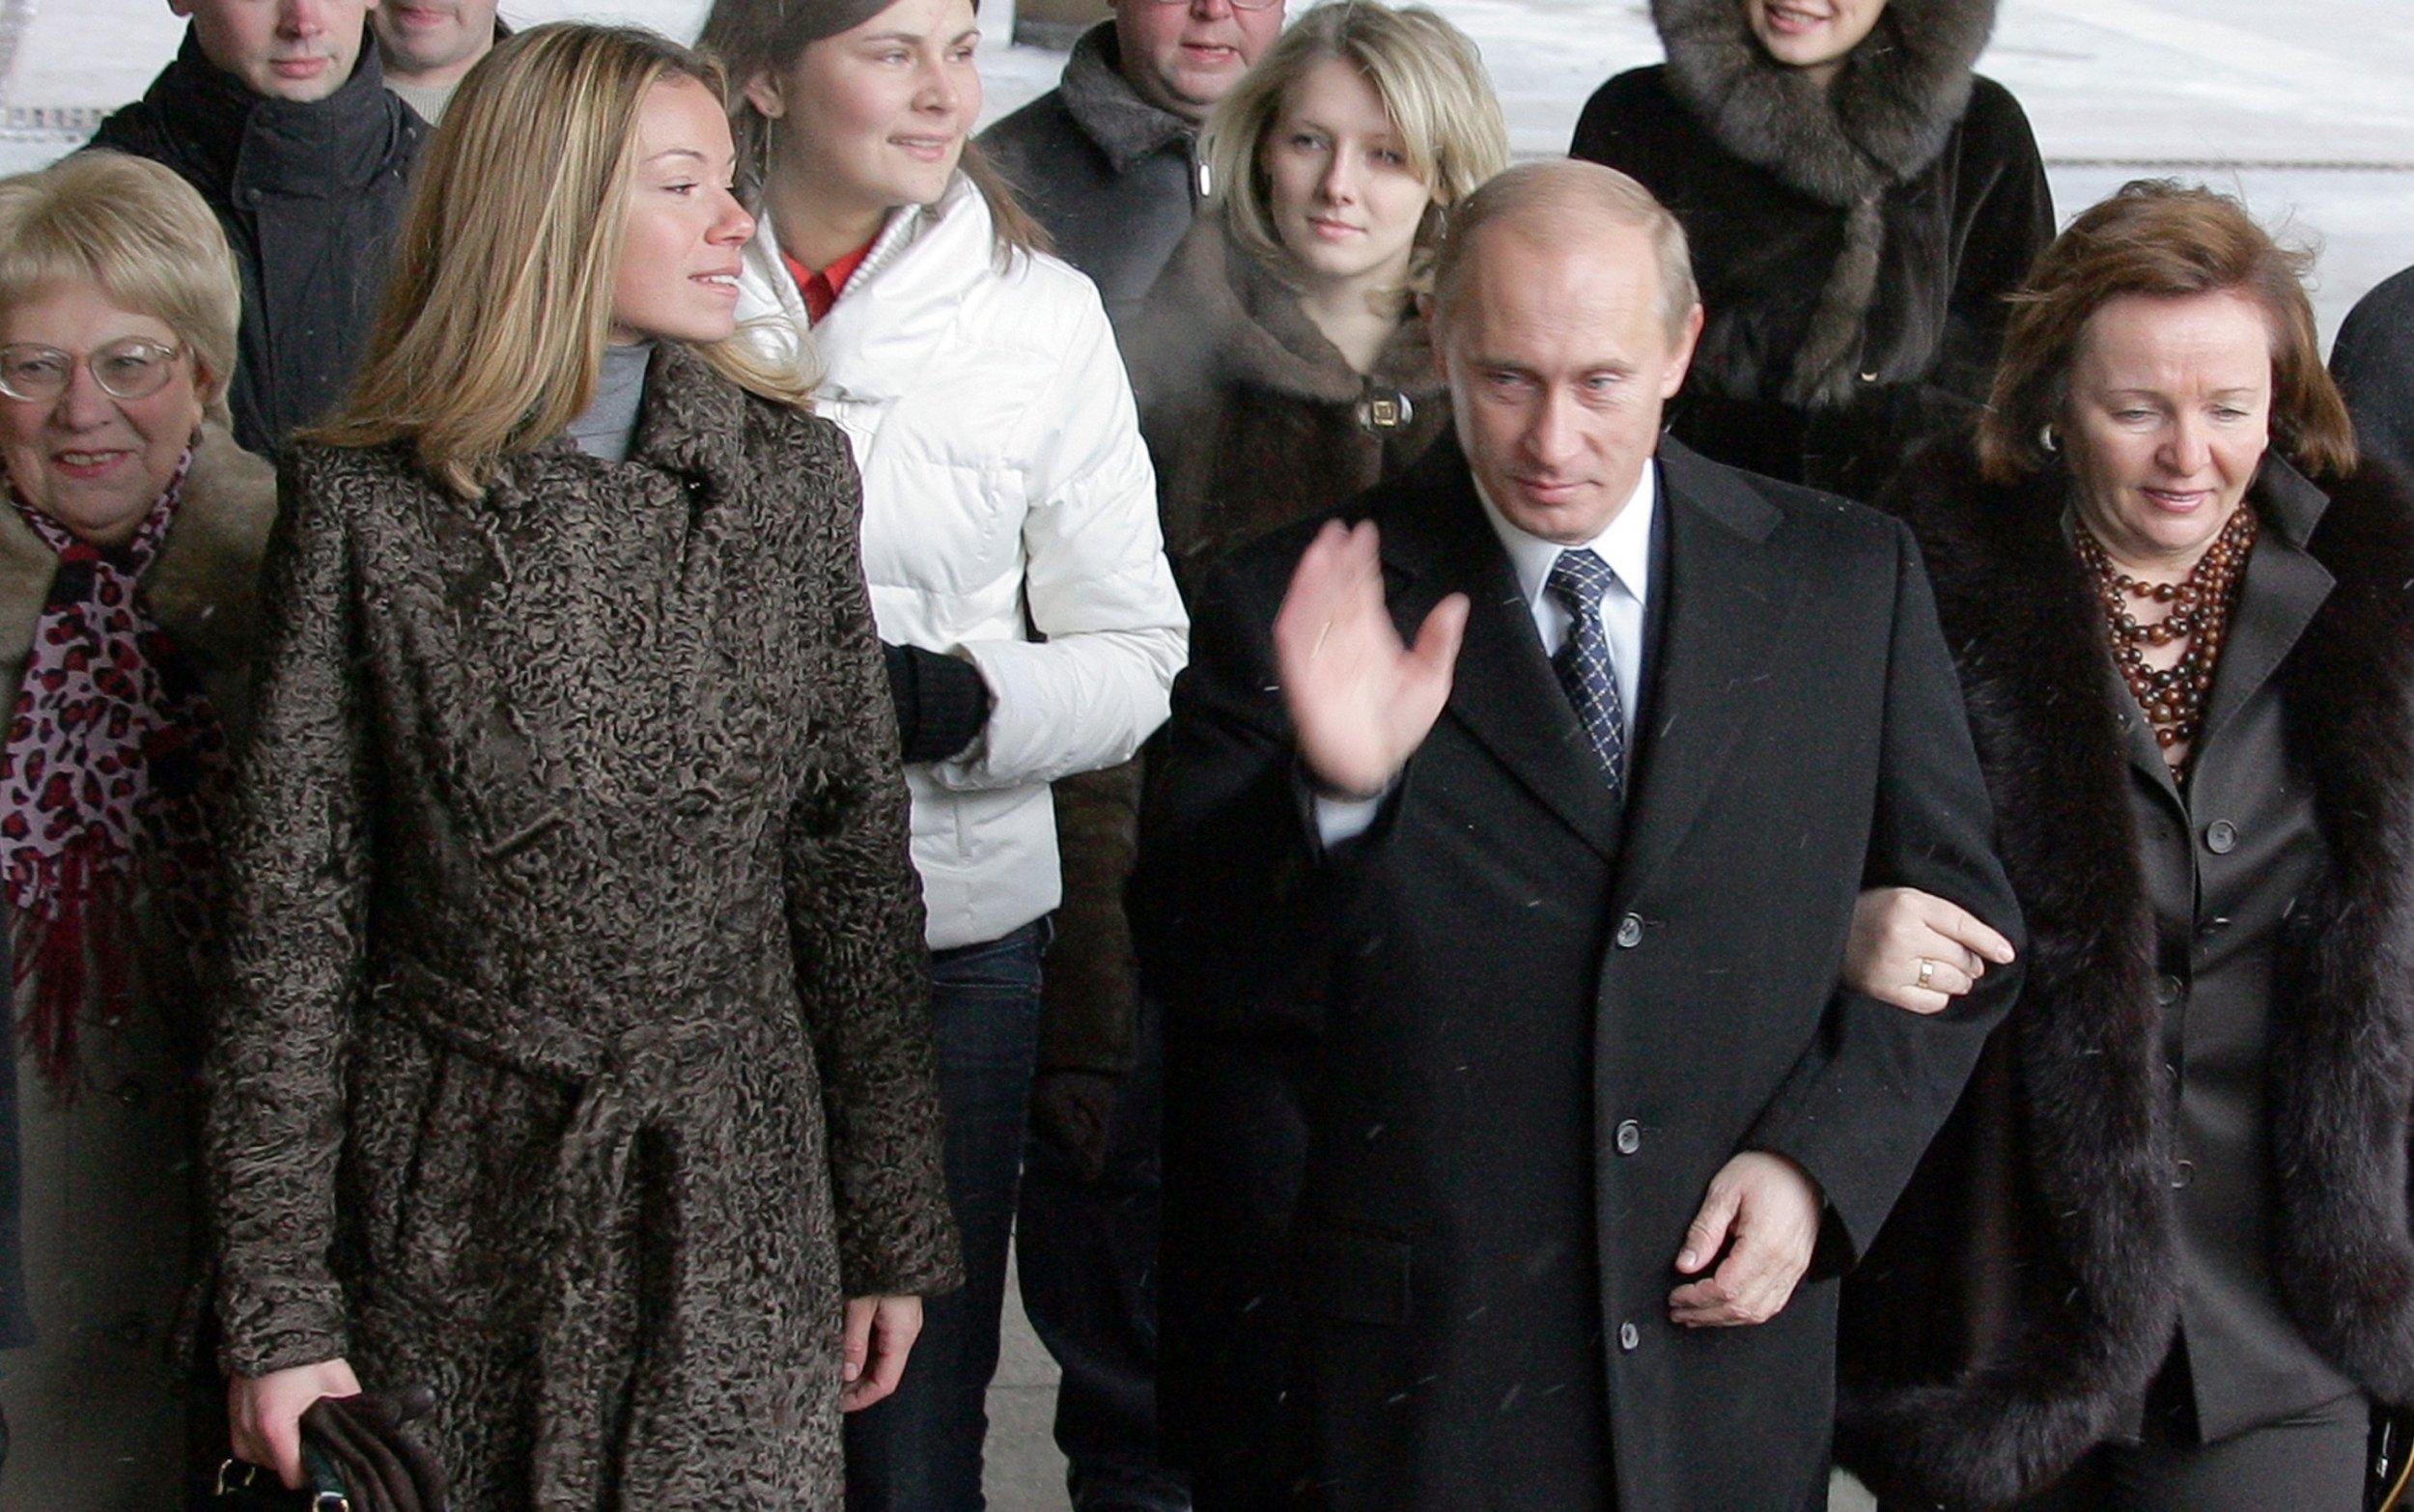 Putin's family